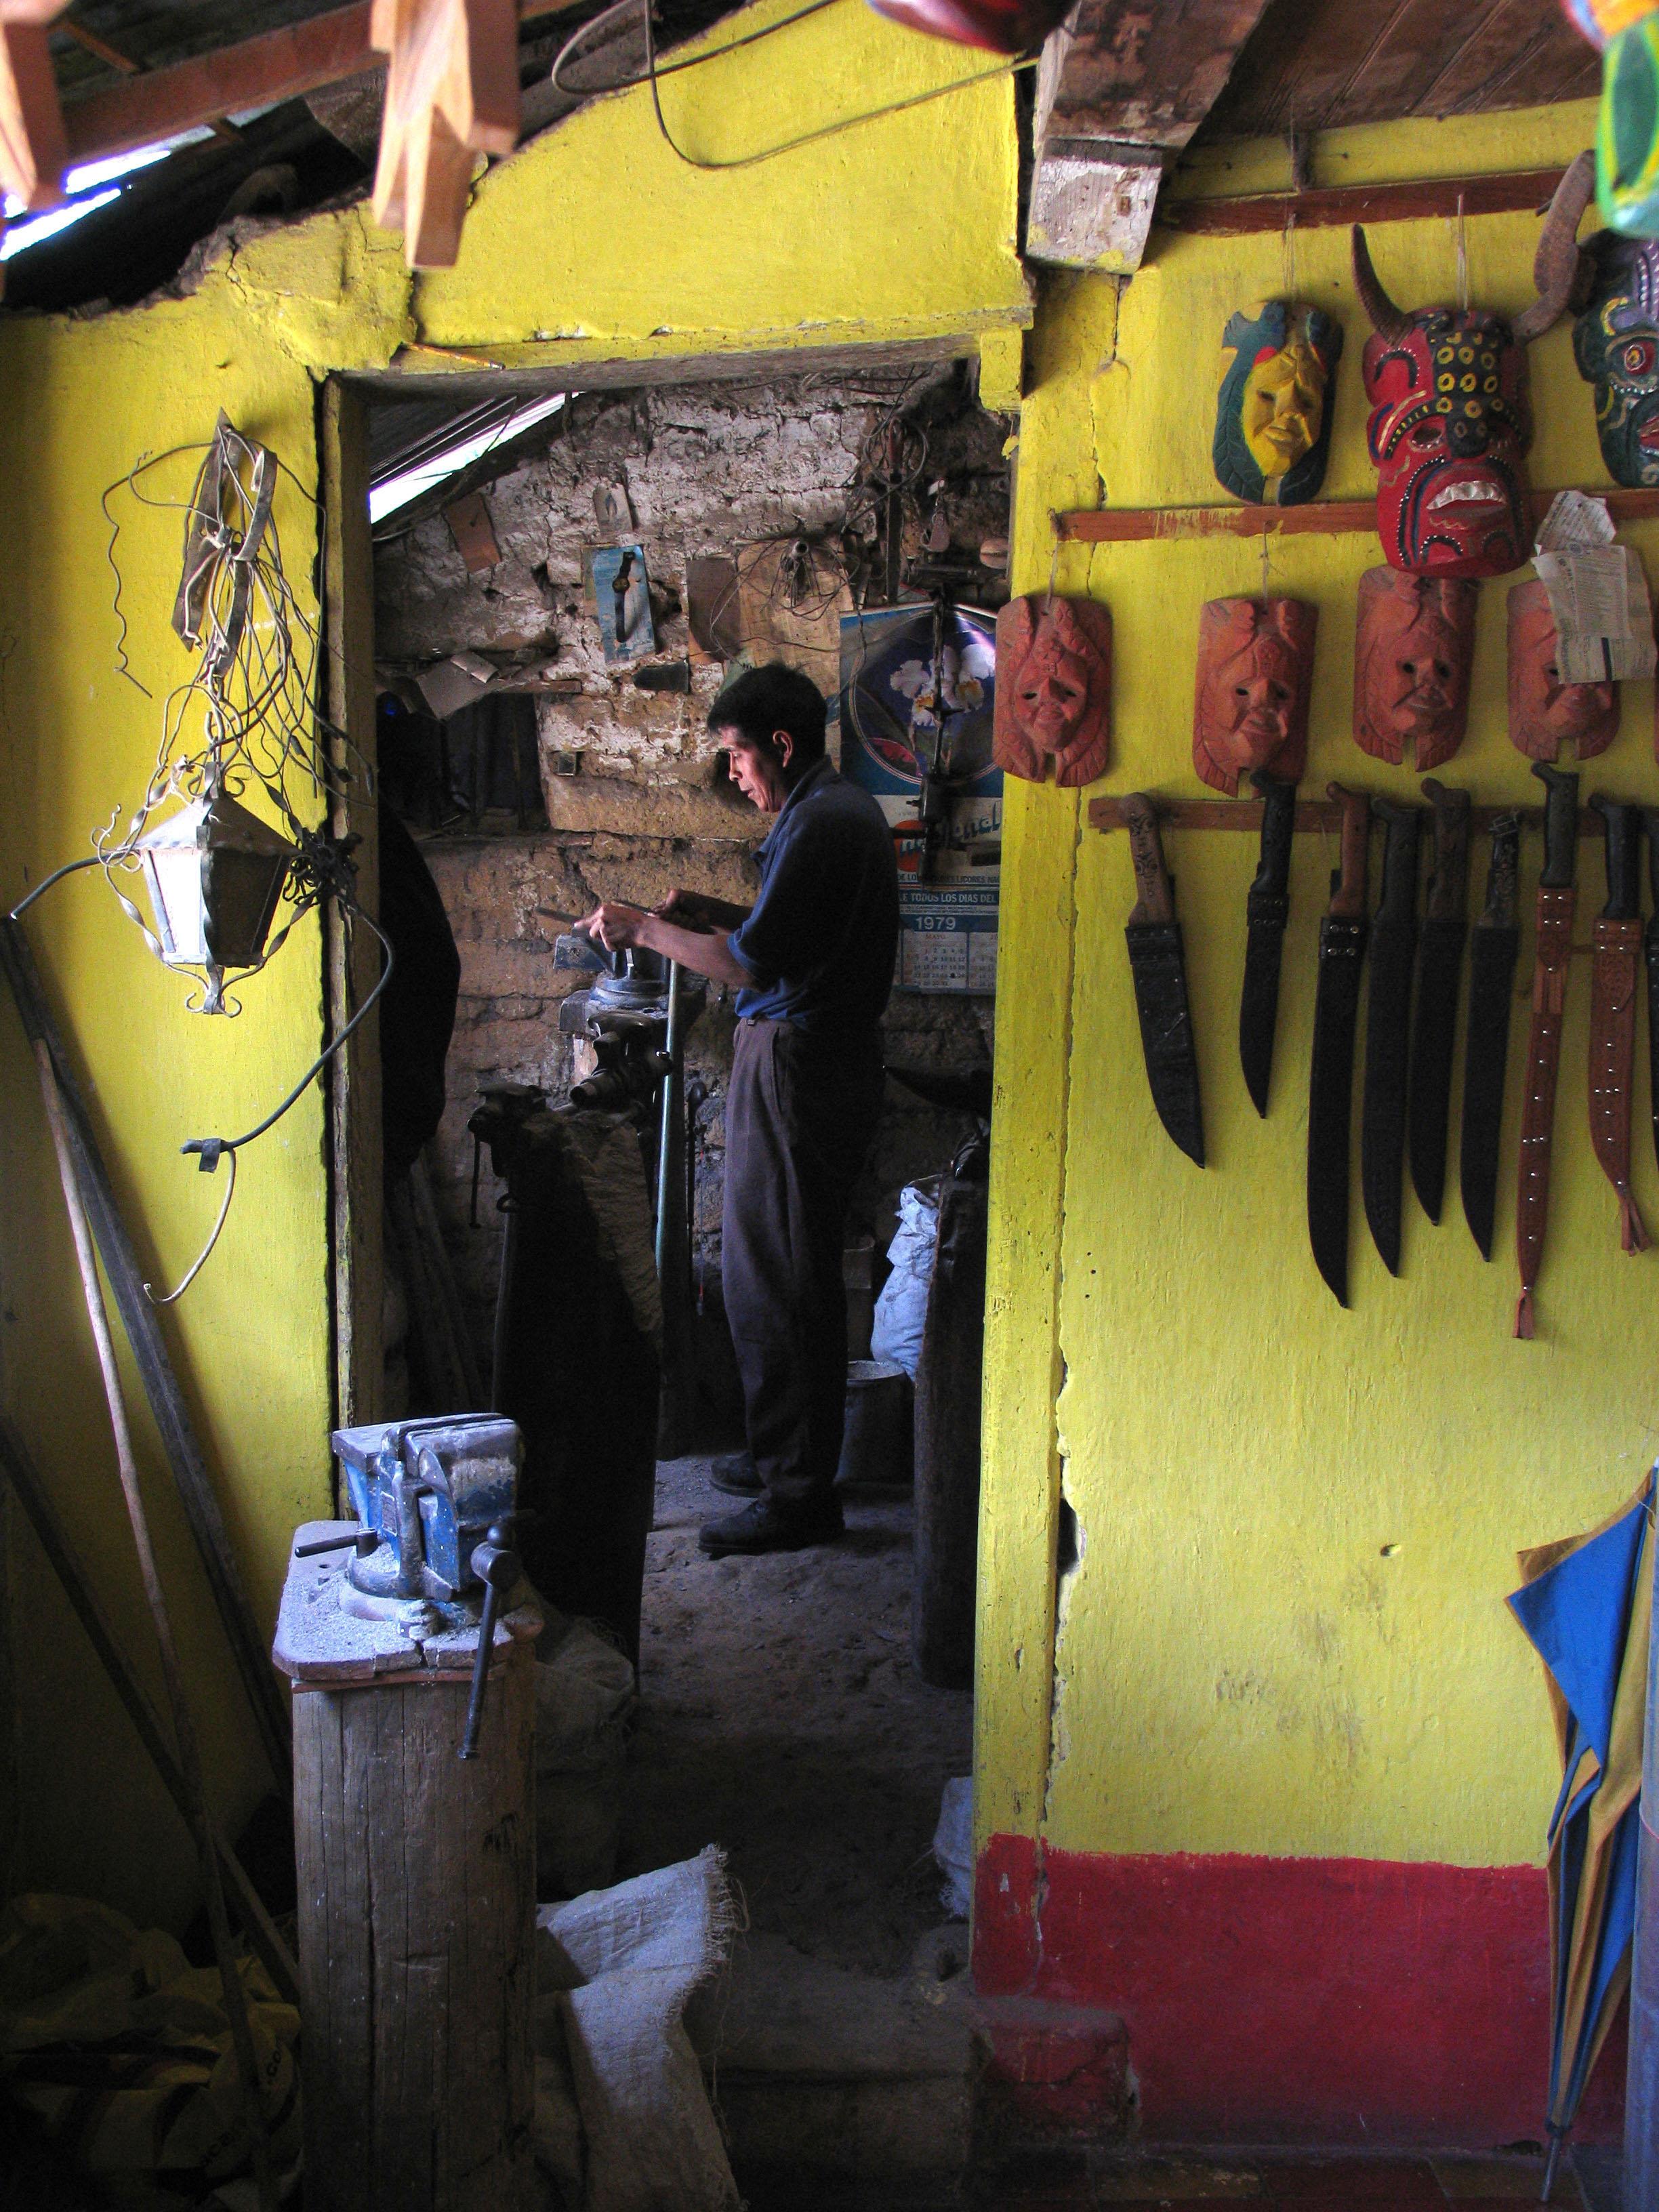 Knife maker, Chichicastenango, Guatemala